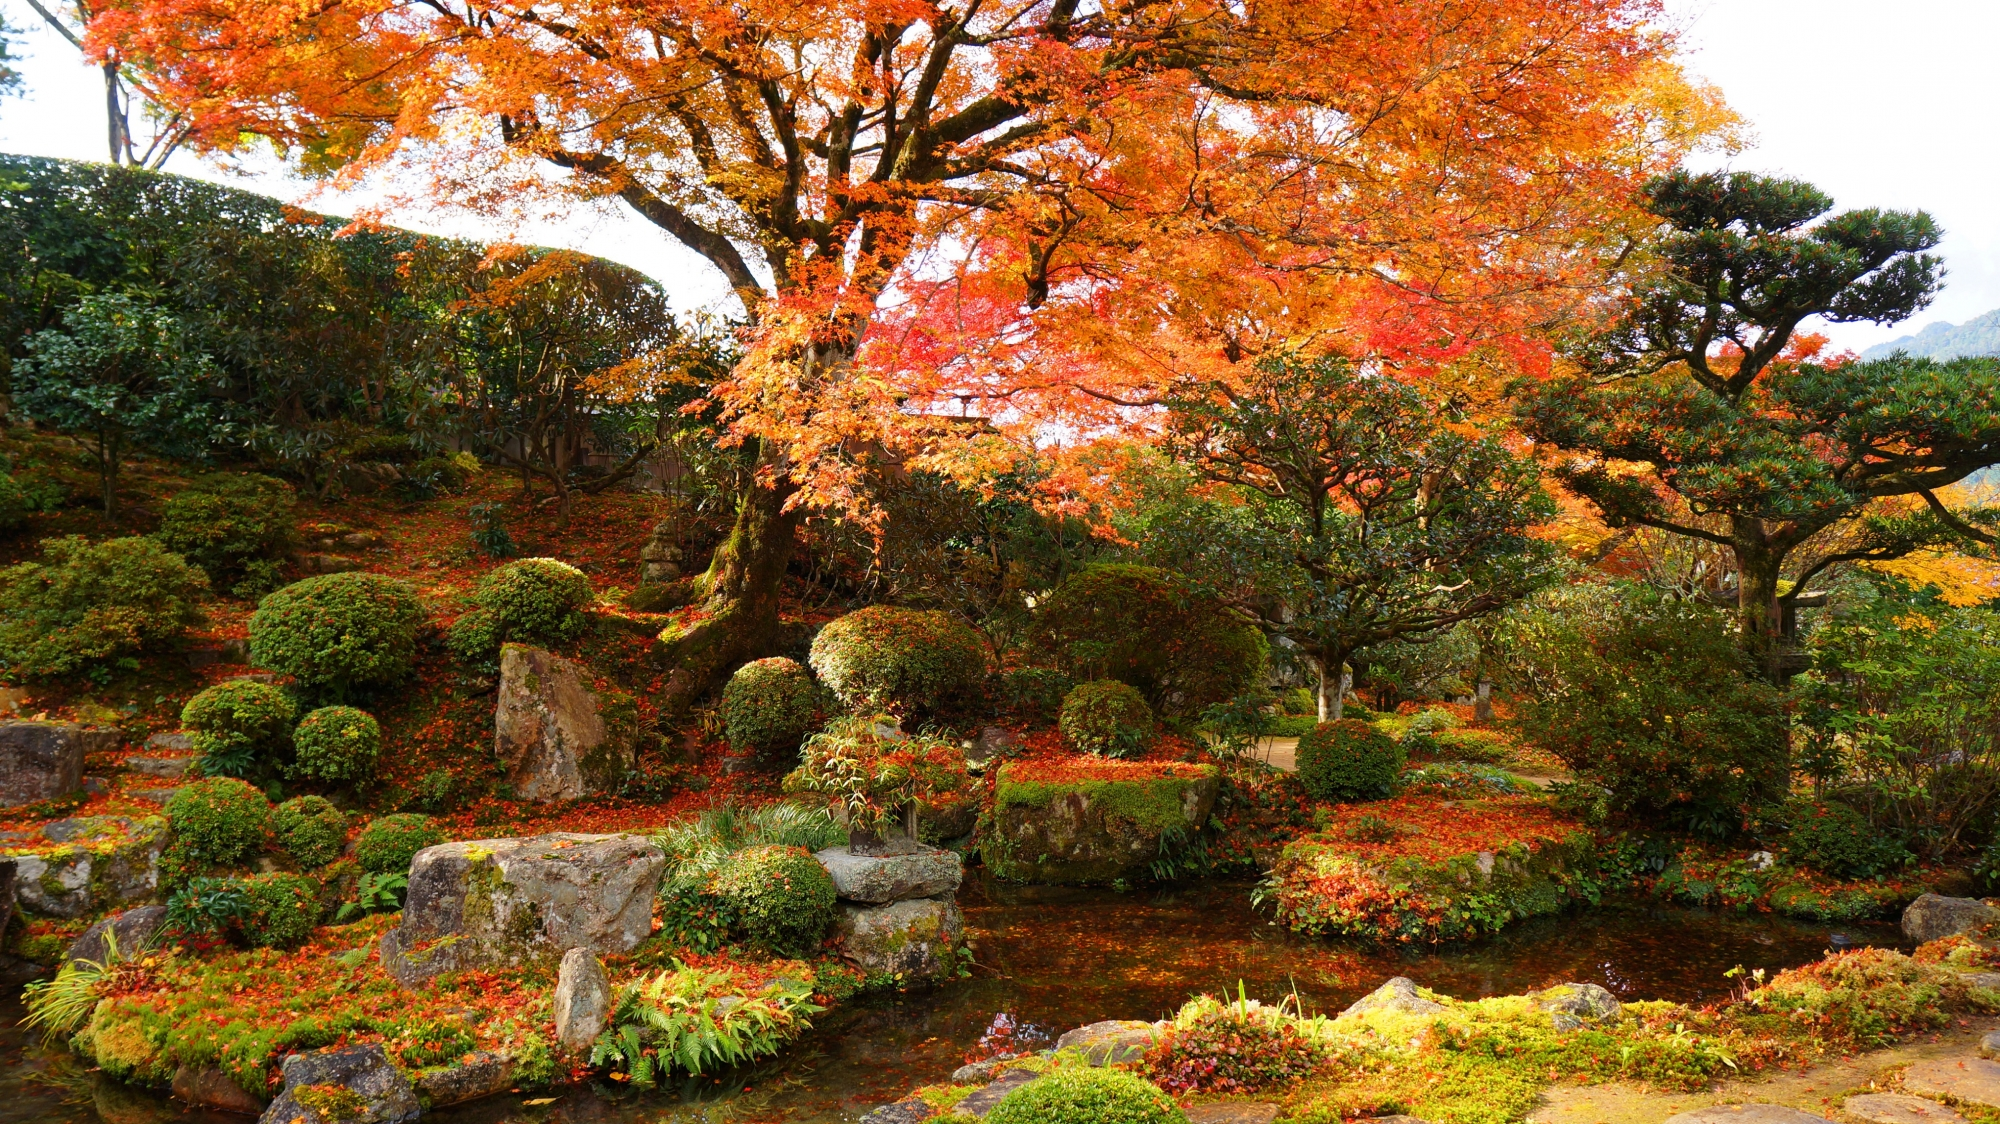 見ごろの紅葉と秋色に覆われた旧普賢院庭園